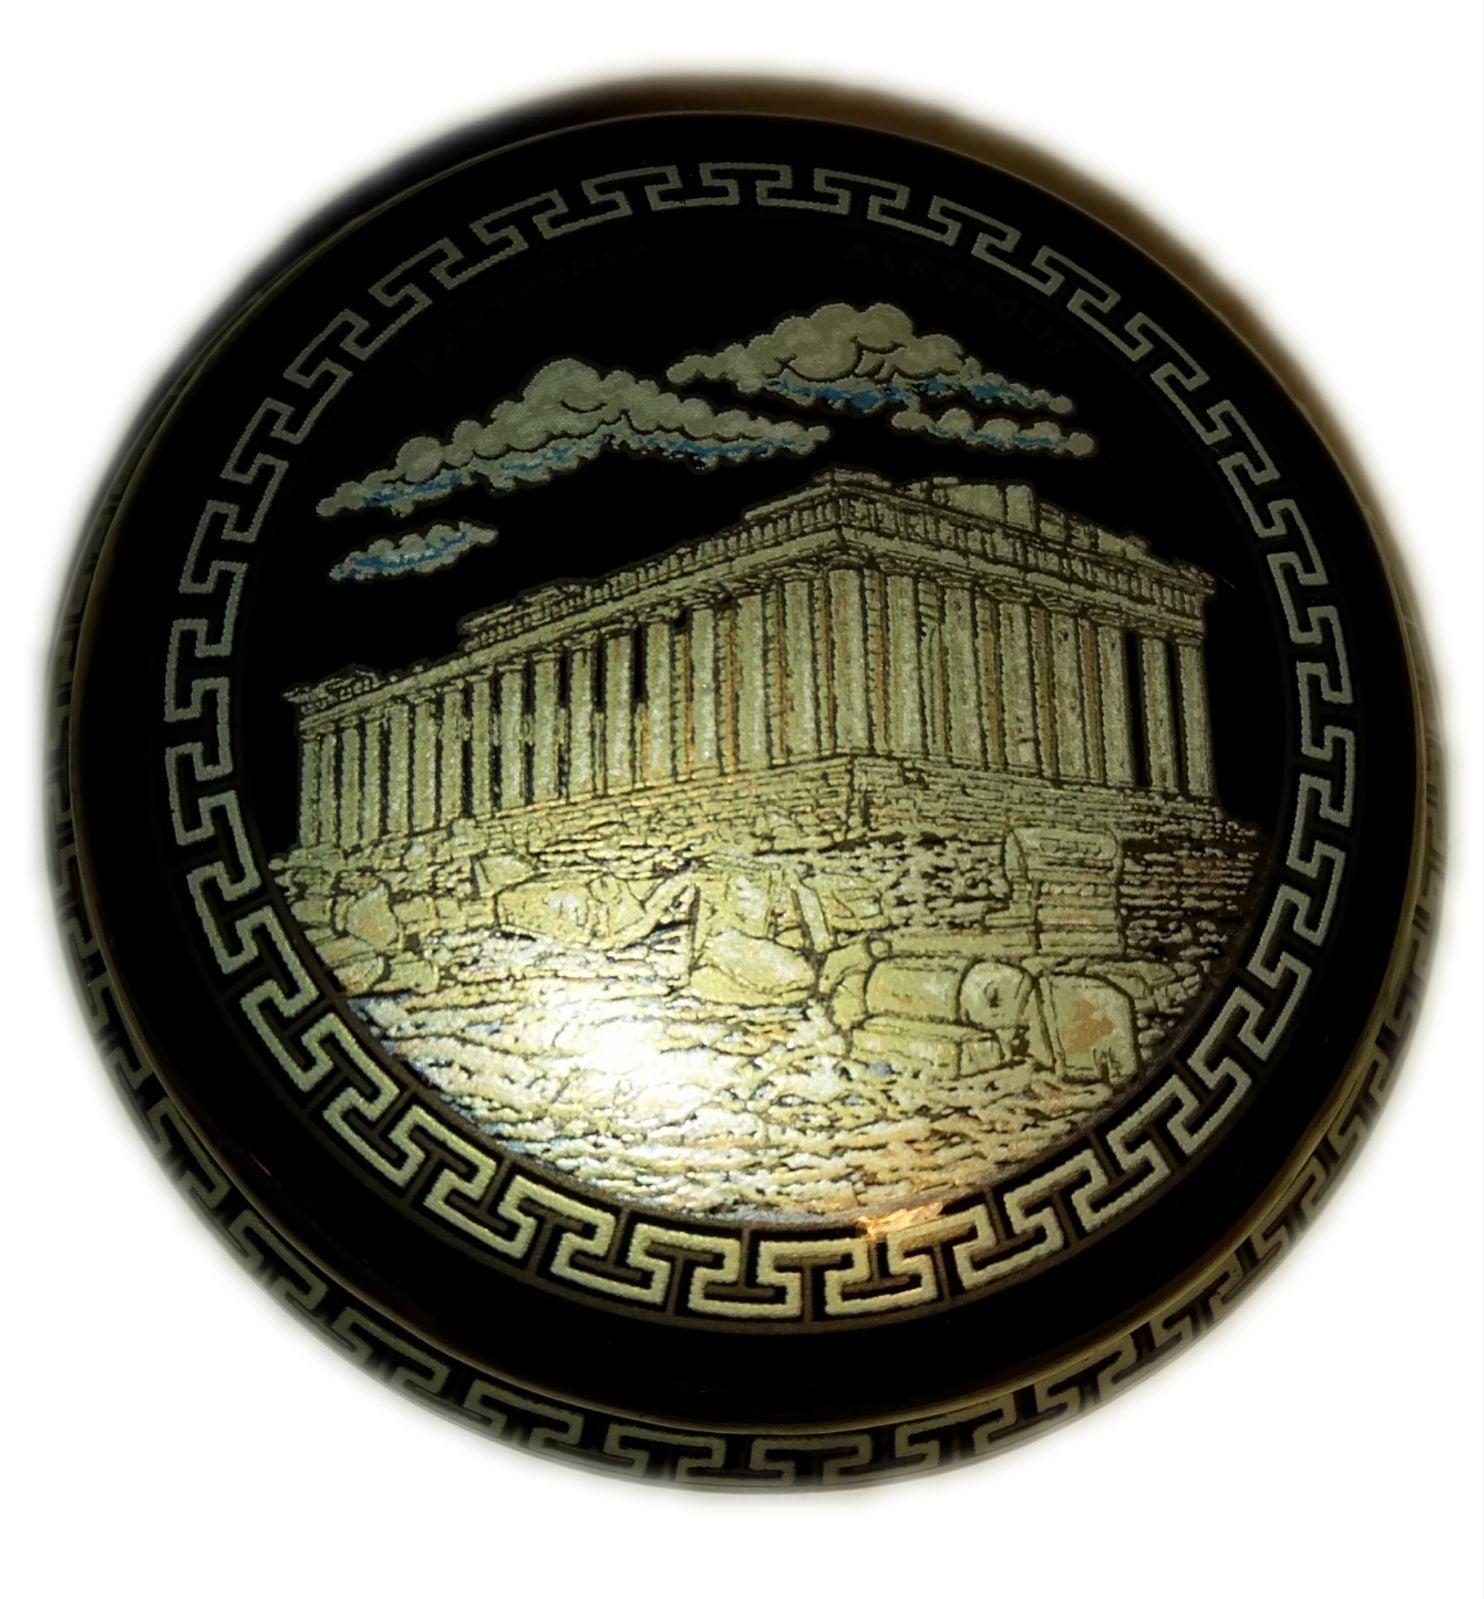 VINTAGE GREEK BLK 24K GOLD TRINKET BOX